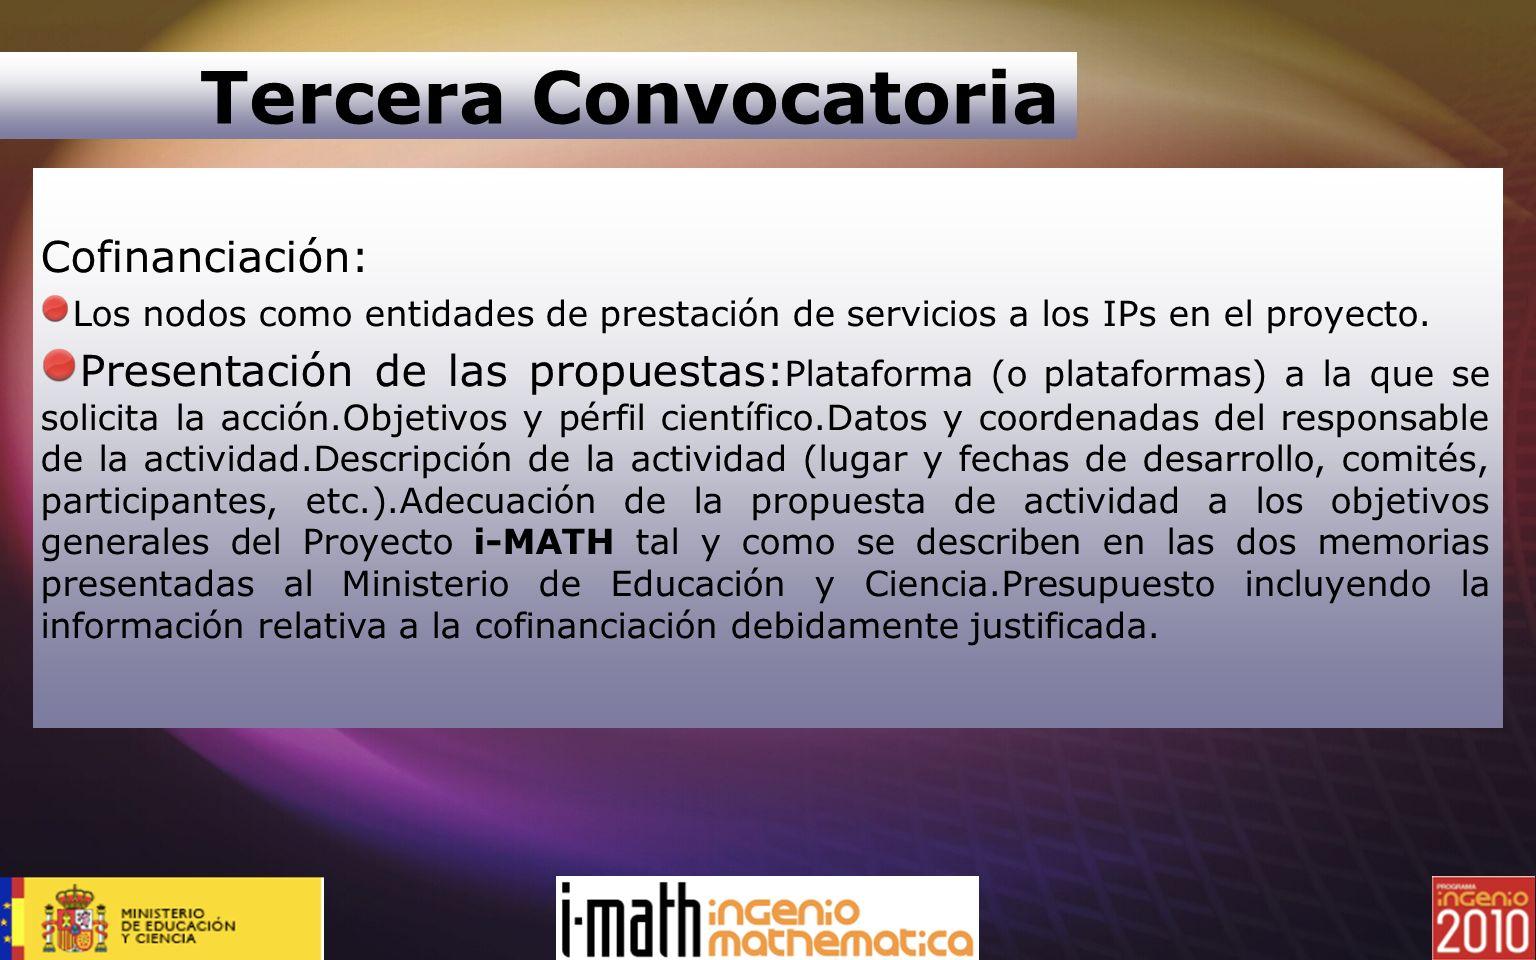 Tercera Convocatoria Cofinanciación: Los nodos como entidades de prestación de servicios a los IPs en el proyecto. Presentación de las propuestas: Pla